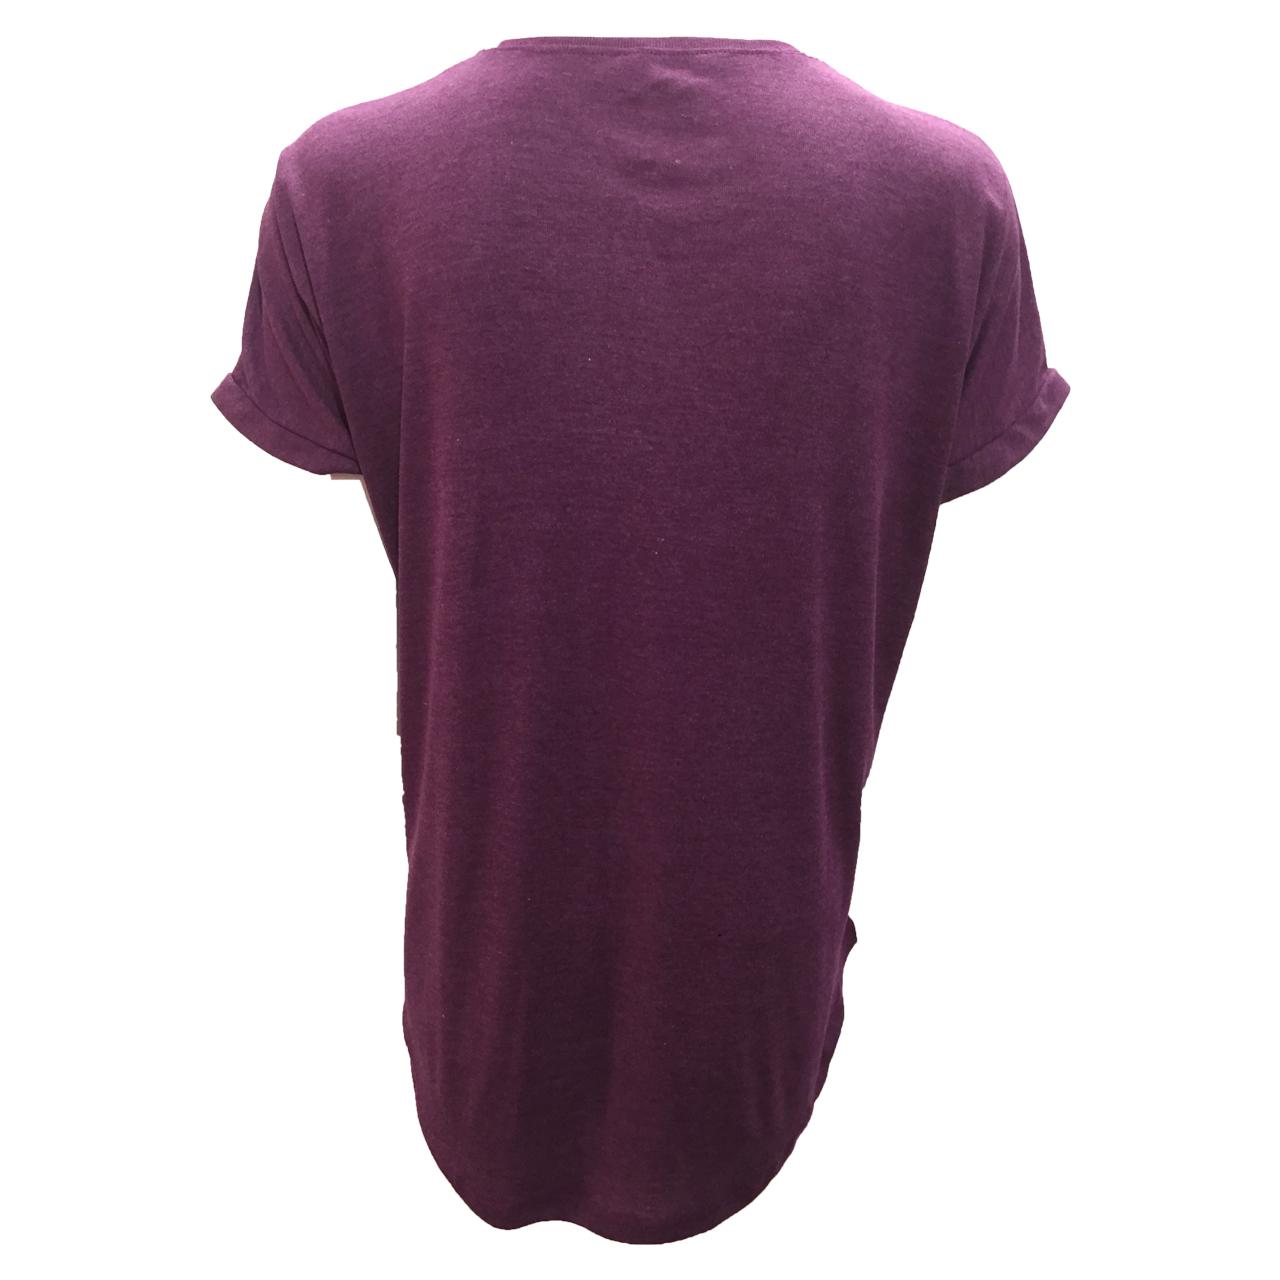 تی شرت آستین کوتاه زنانه مدل butterfly کد tms-1053 رنگ بنفش